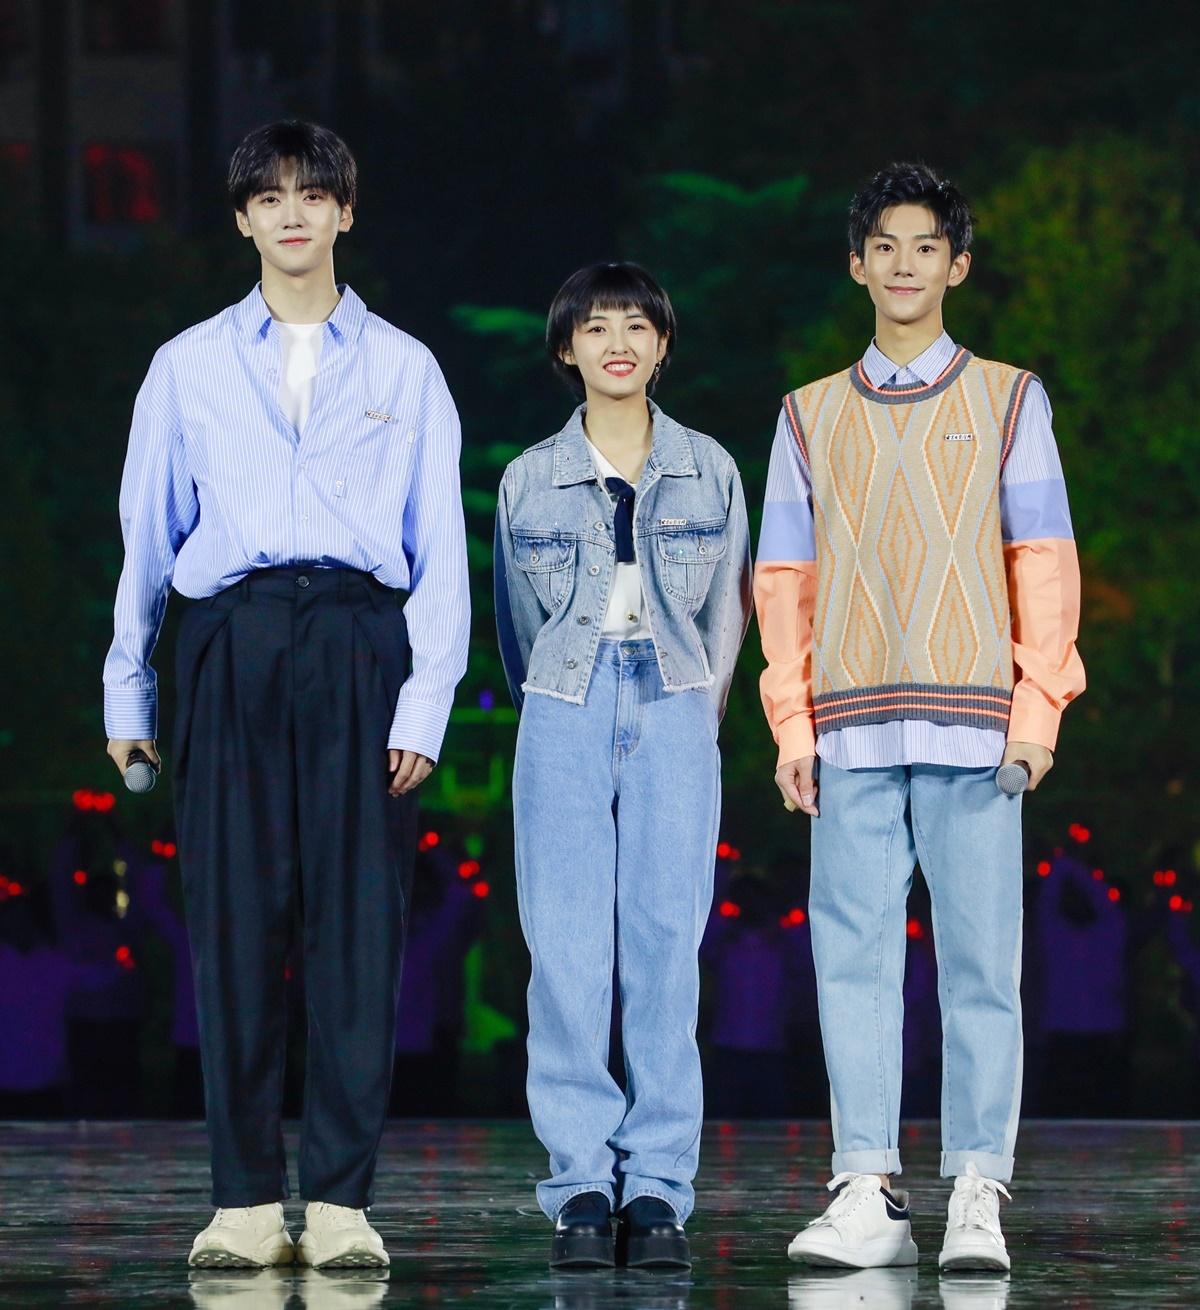 Ba ngôi sao 10x là tân sinh viên khóa 2020 của Học viện Điện ảnh Bắc Kinh: Yên Hủ Gia, Trương Tử Phong, Lưu Gia Vỹ.